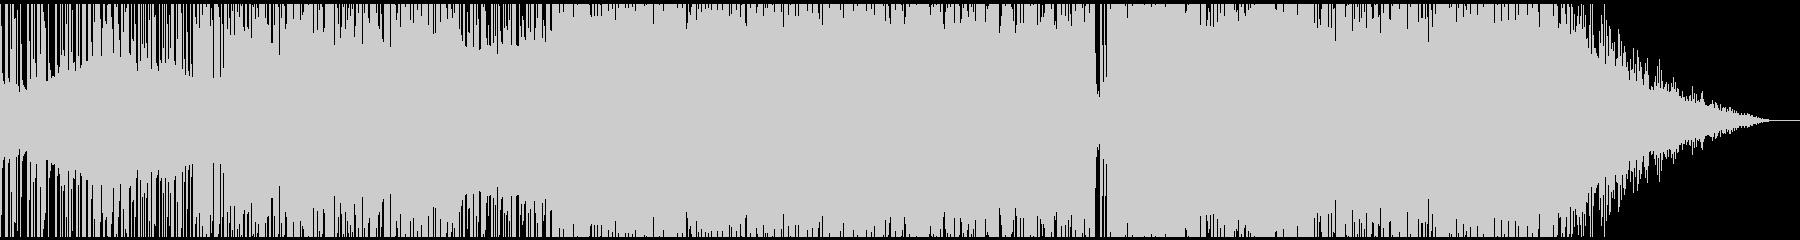 和風FutureBassの未再生の波形